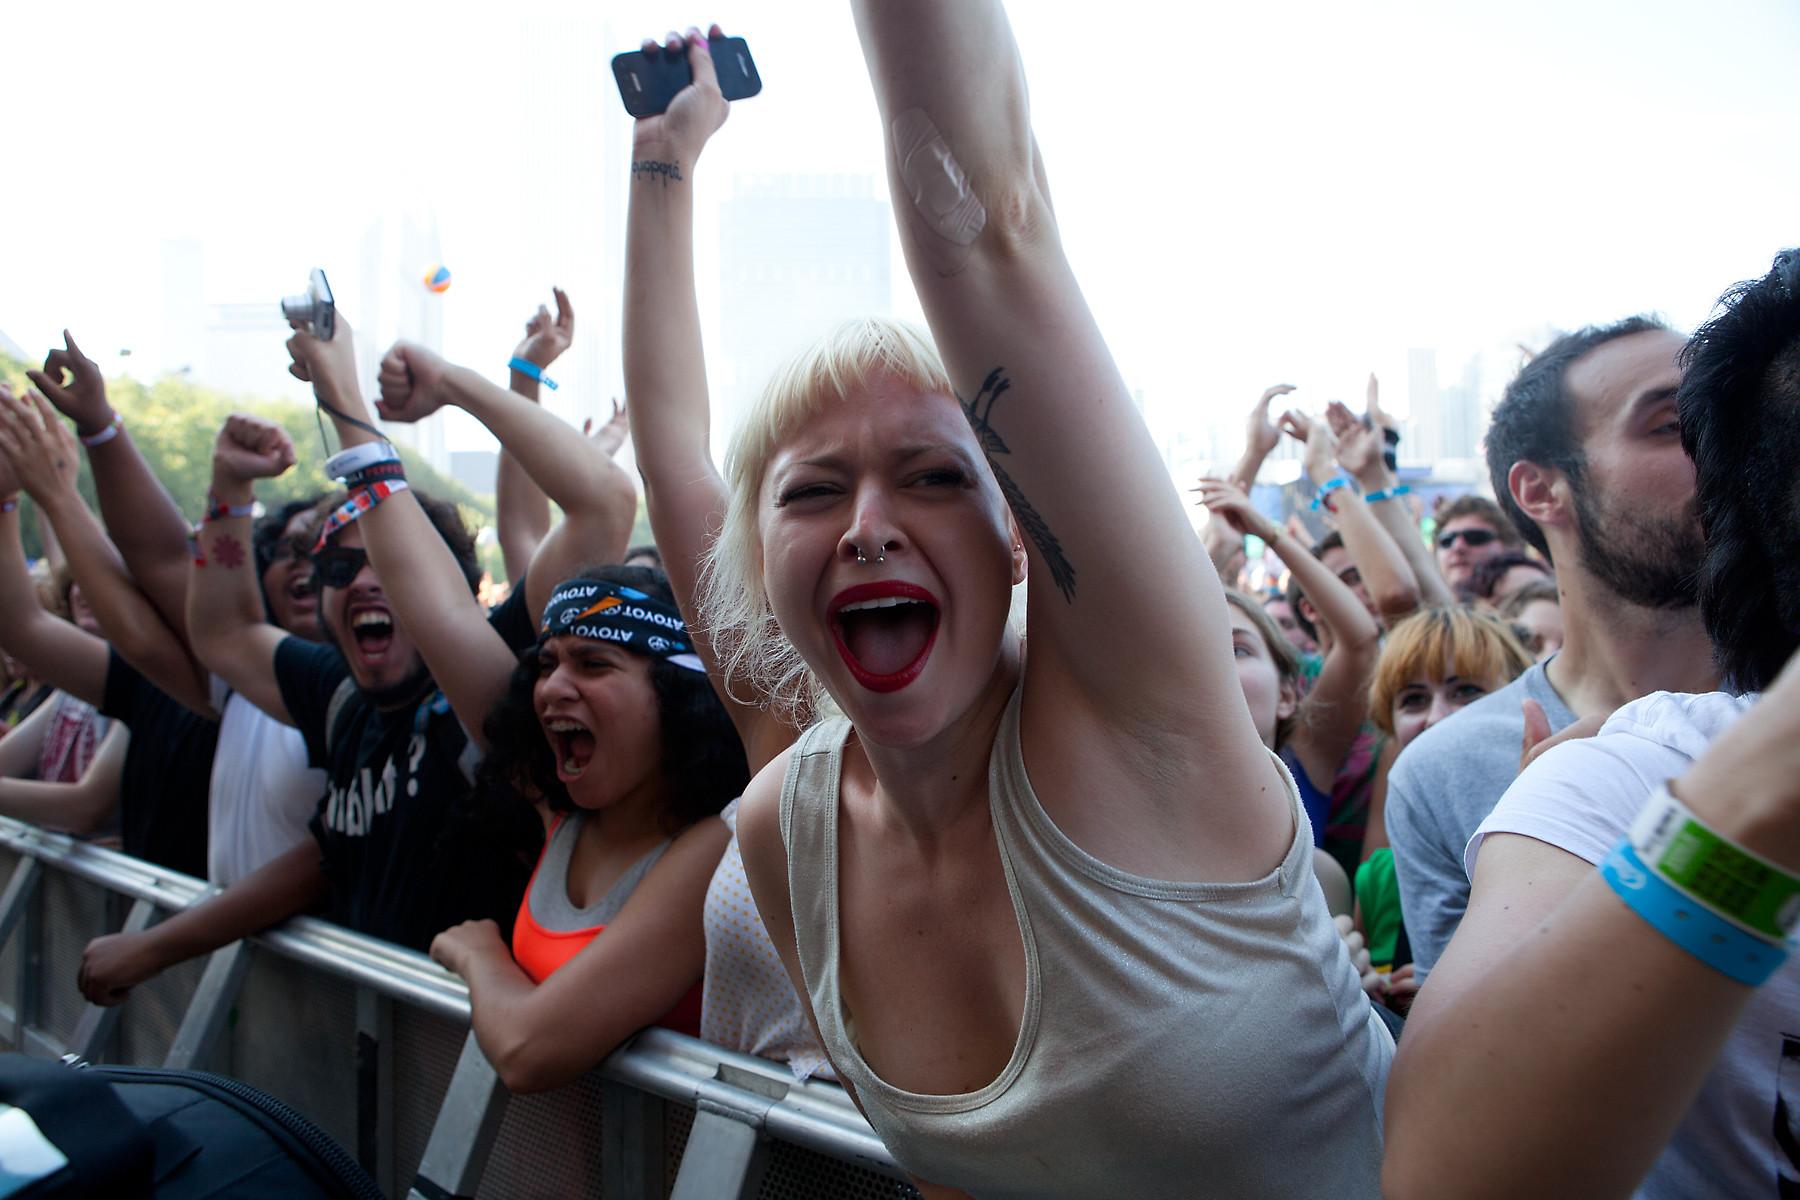 Die Antwoord Fans @ Lollapalooza 2012